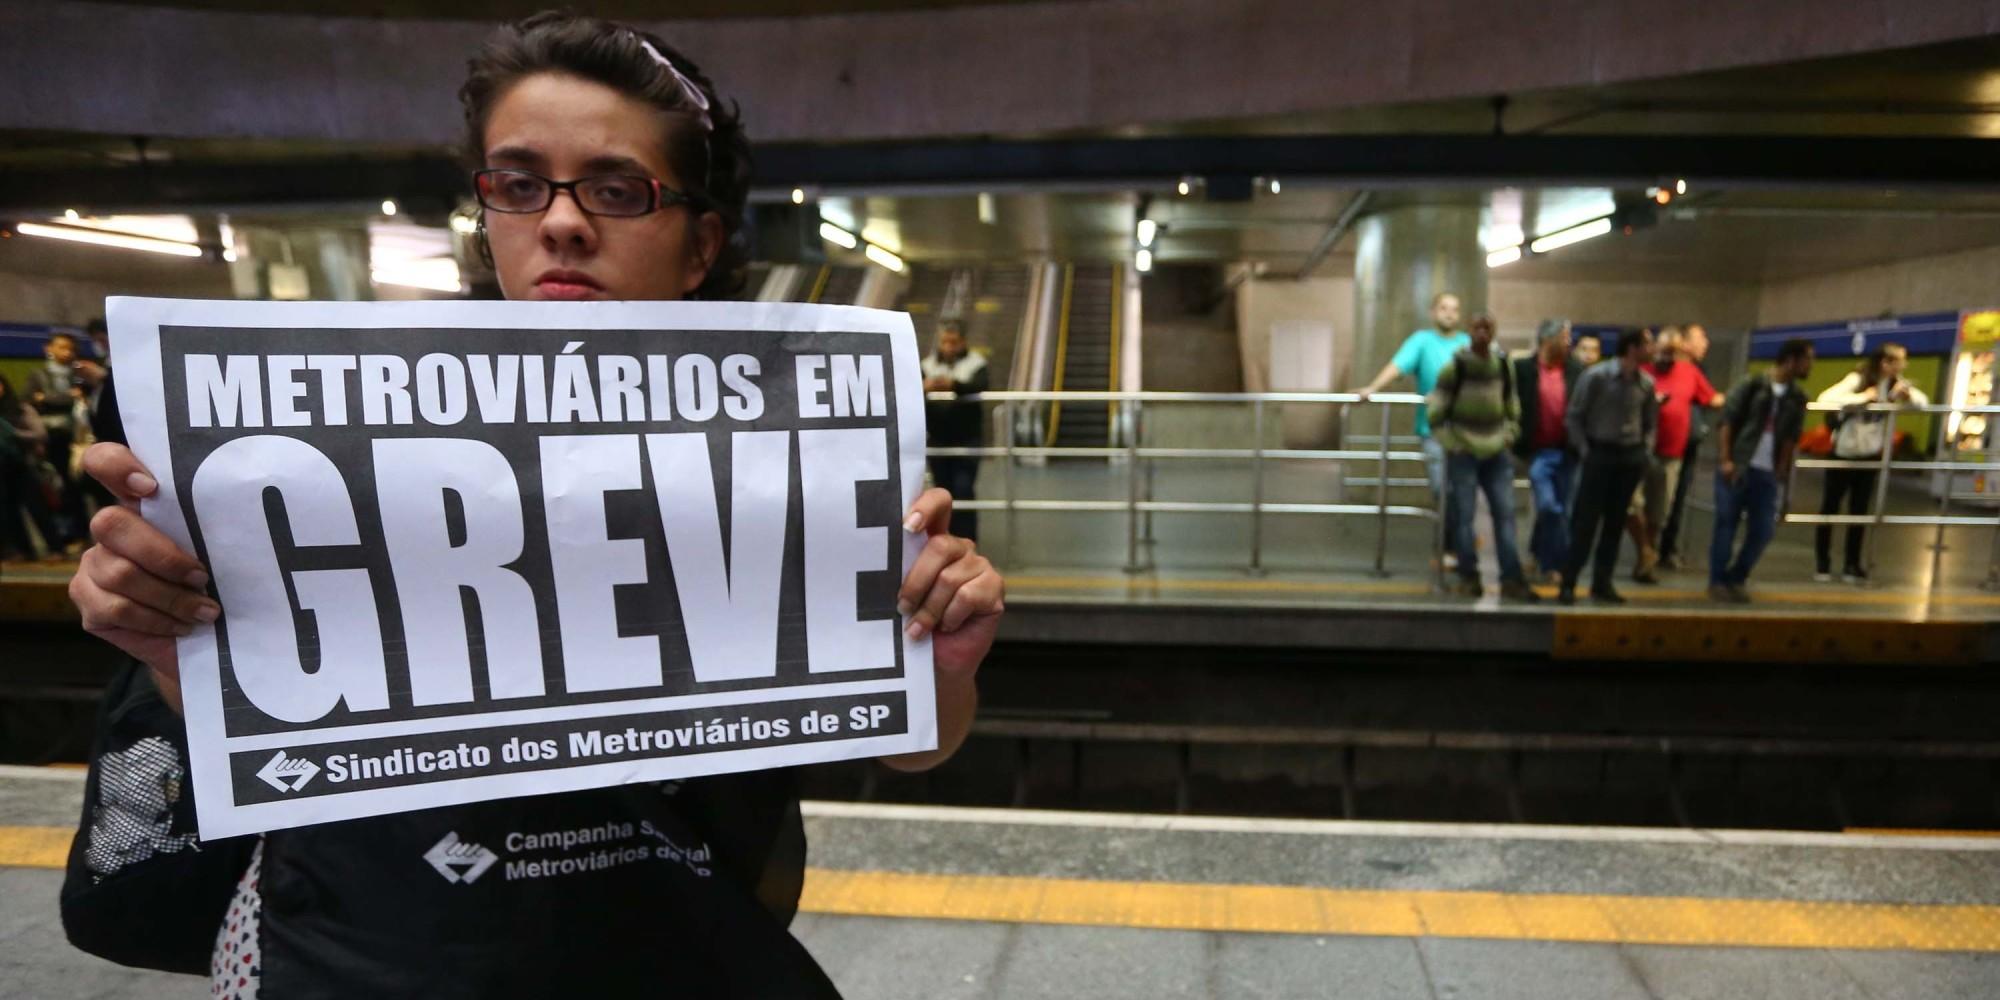 Greve de metroviários em São Paulo